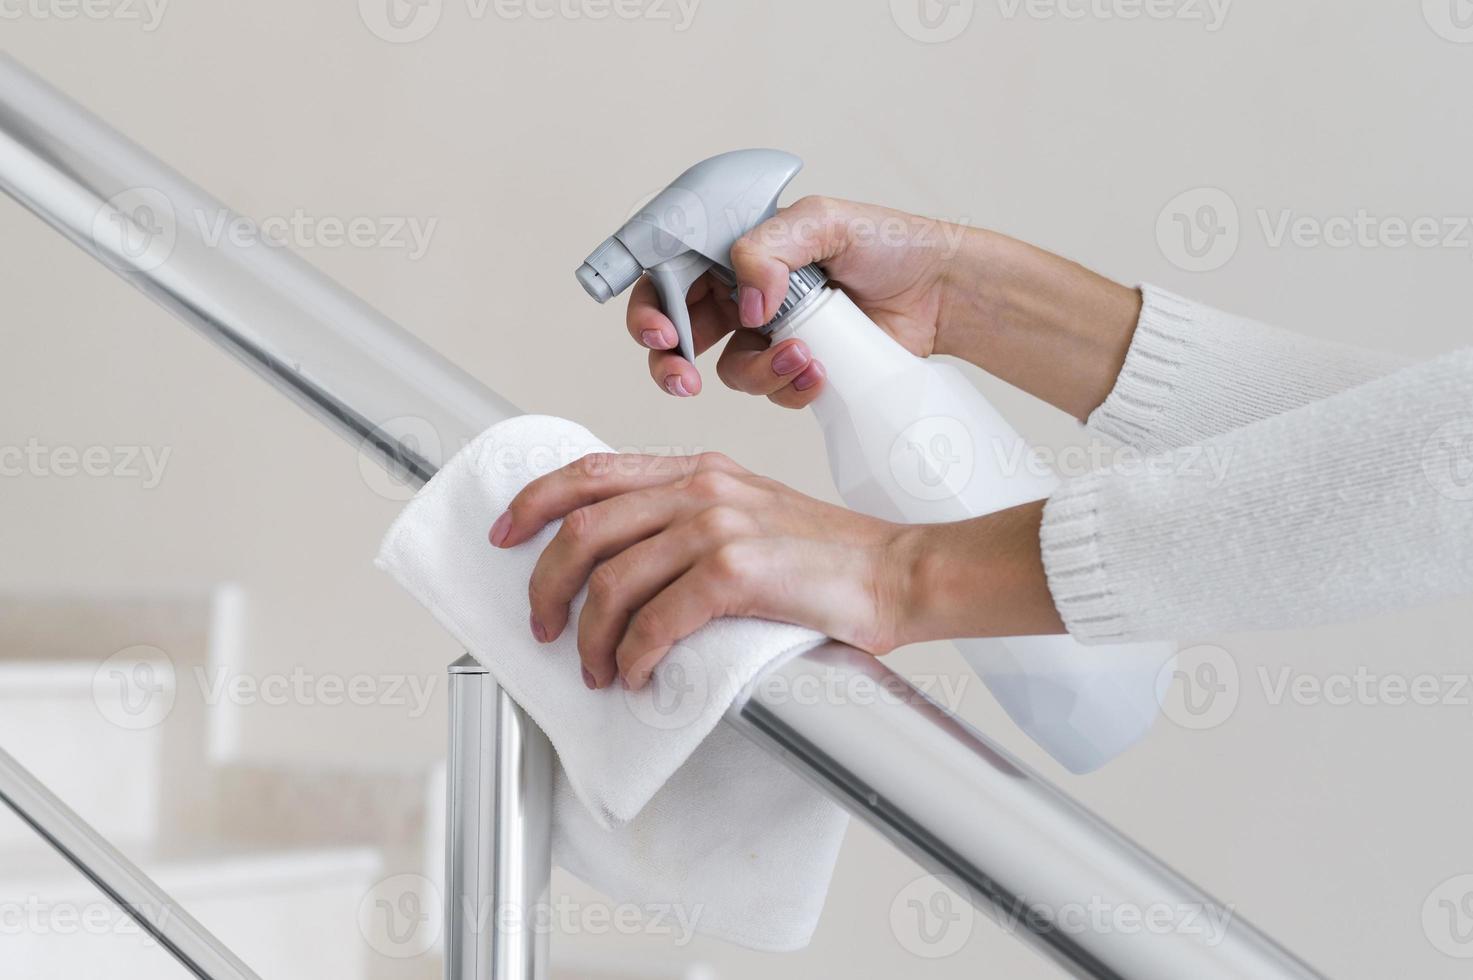 mani che disinfettano corrimano foto